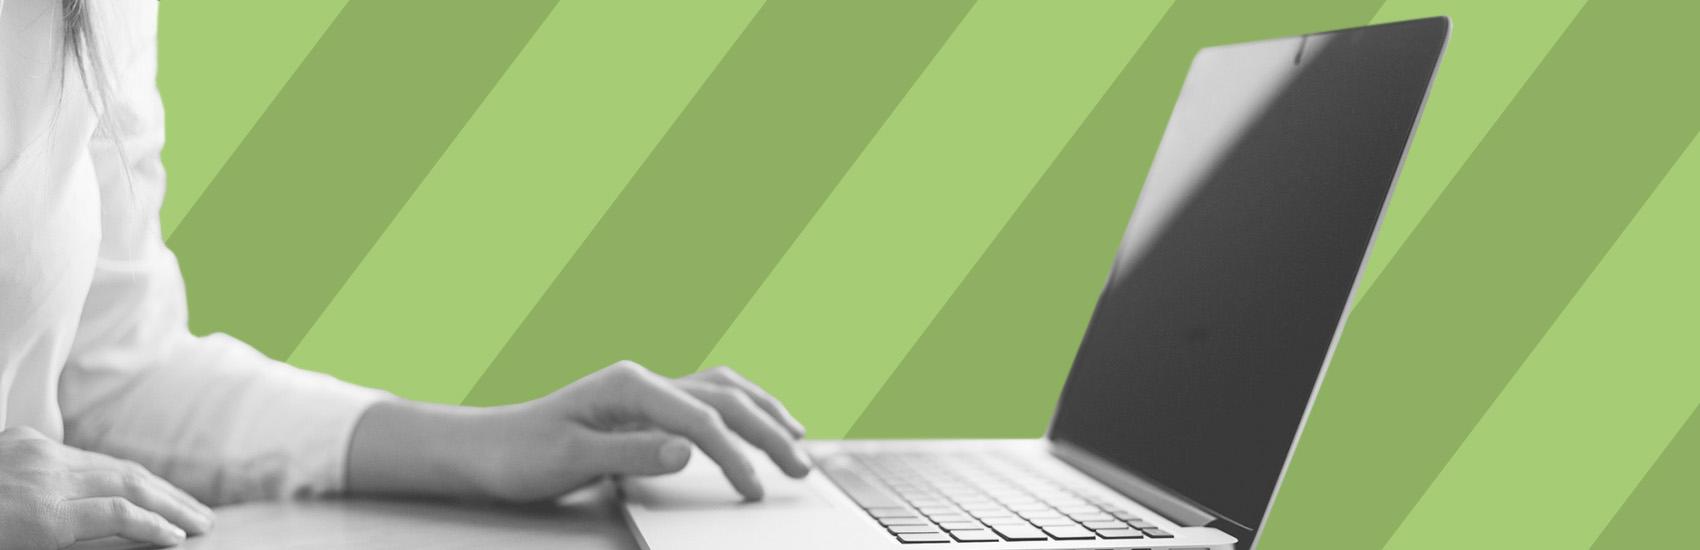 Онлайн-школа бизнес-ассистентов. Наш опыт